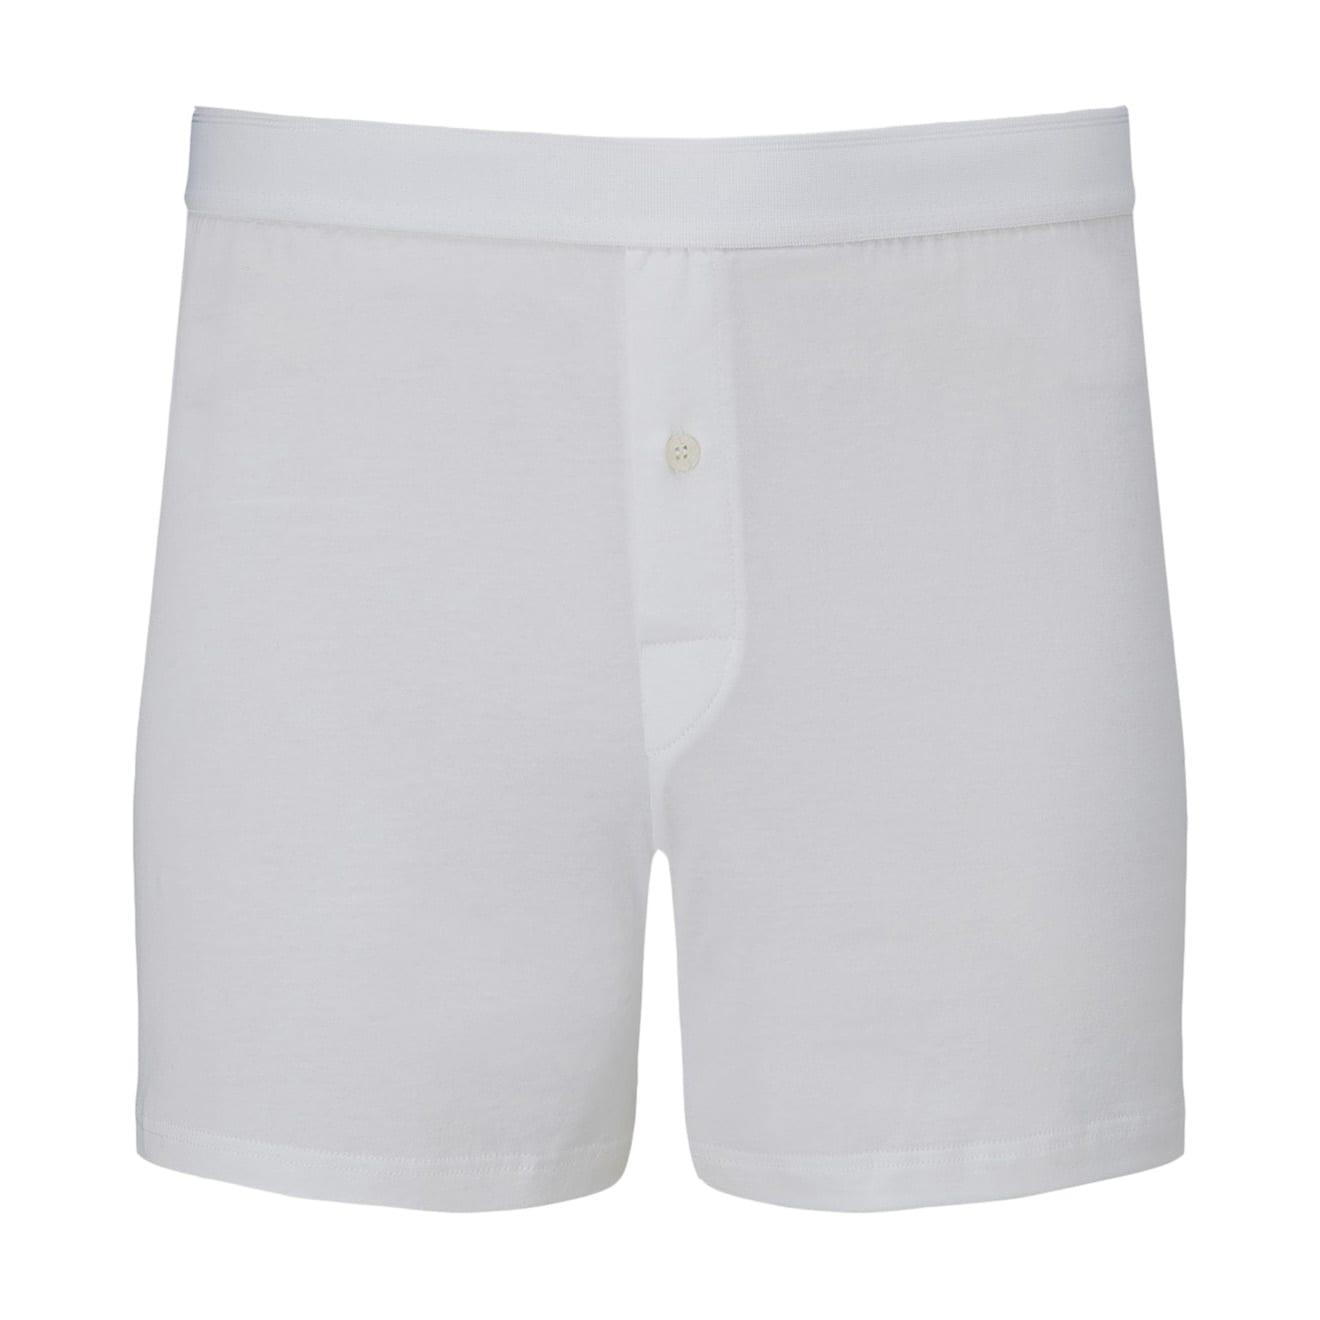 Sunspel Superfine Cotton One Button Shorts White